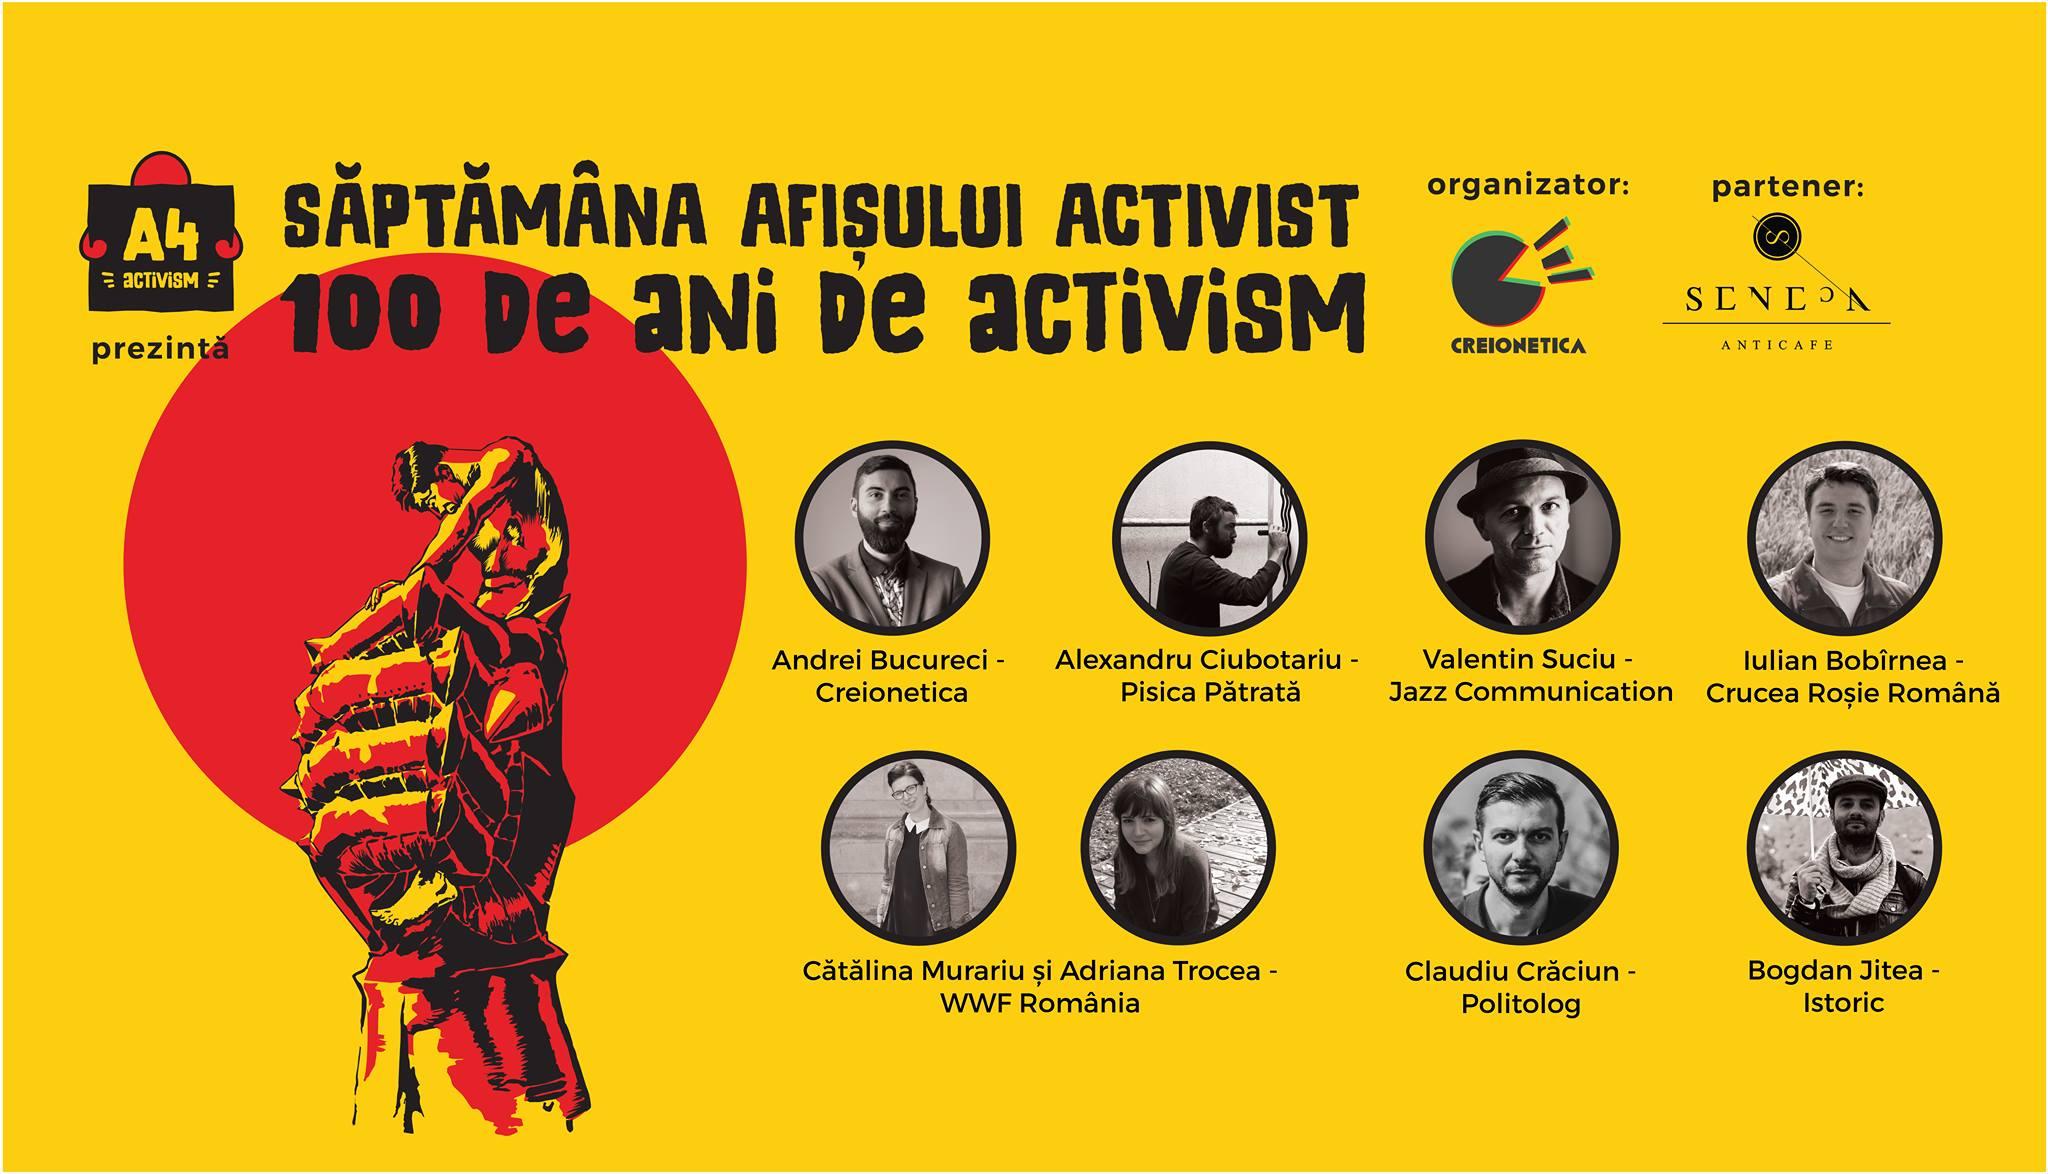 A4Activism main